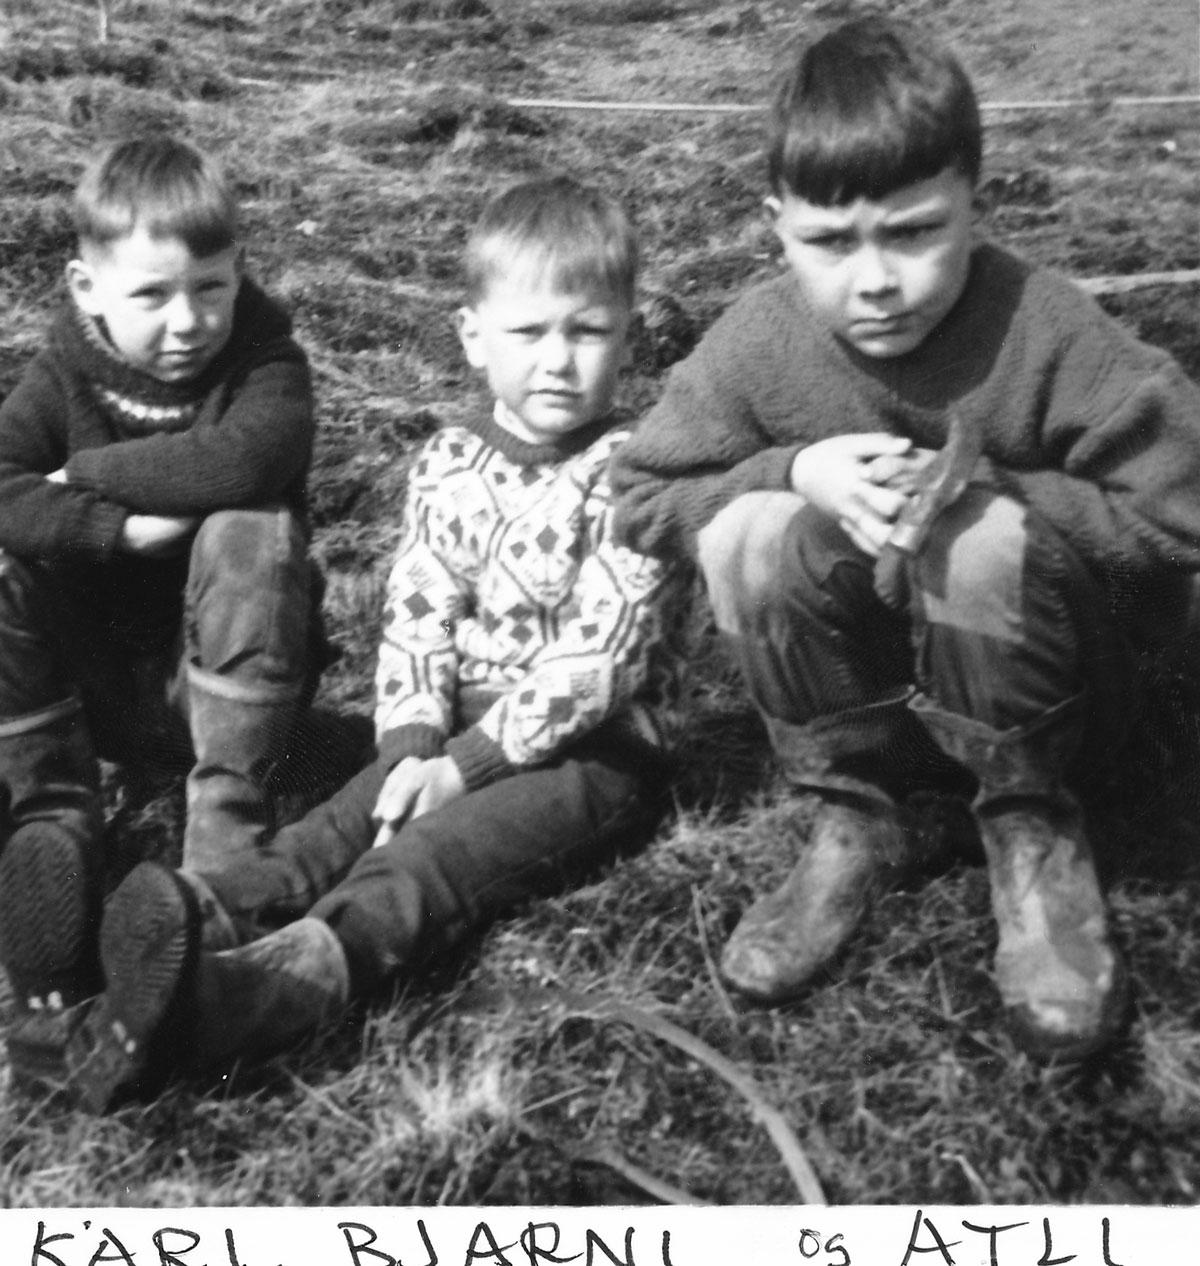 Kári, Bjarni og Atli. (Mynd: IB)